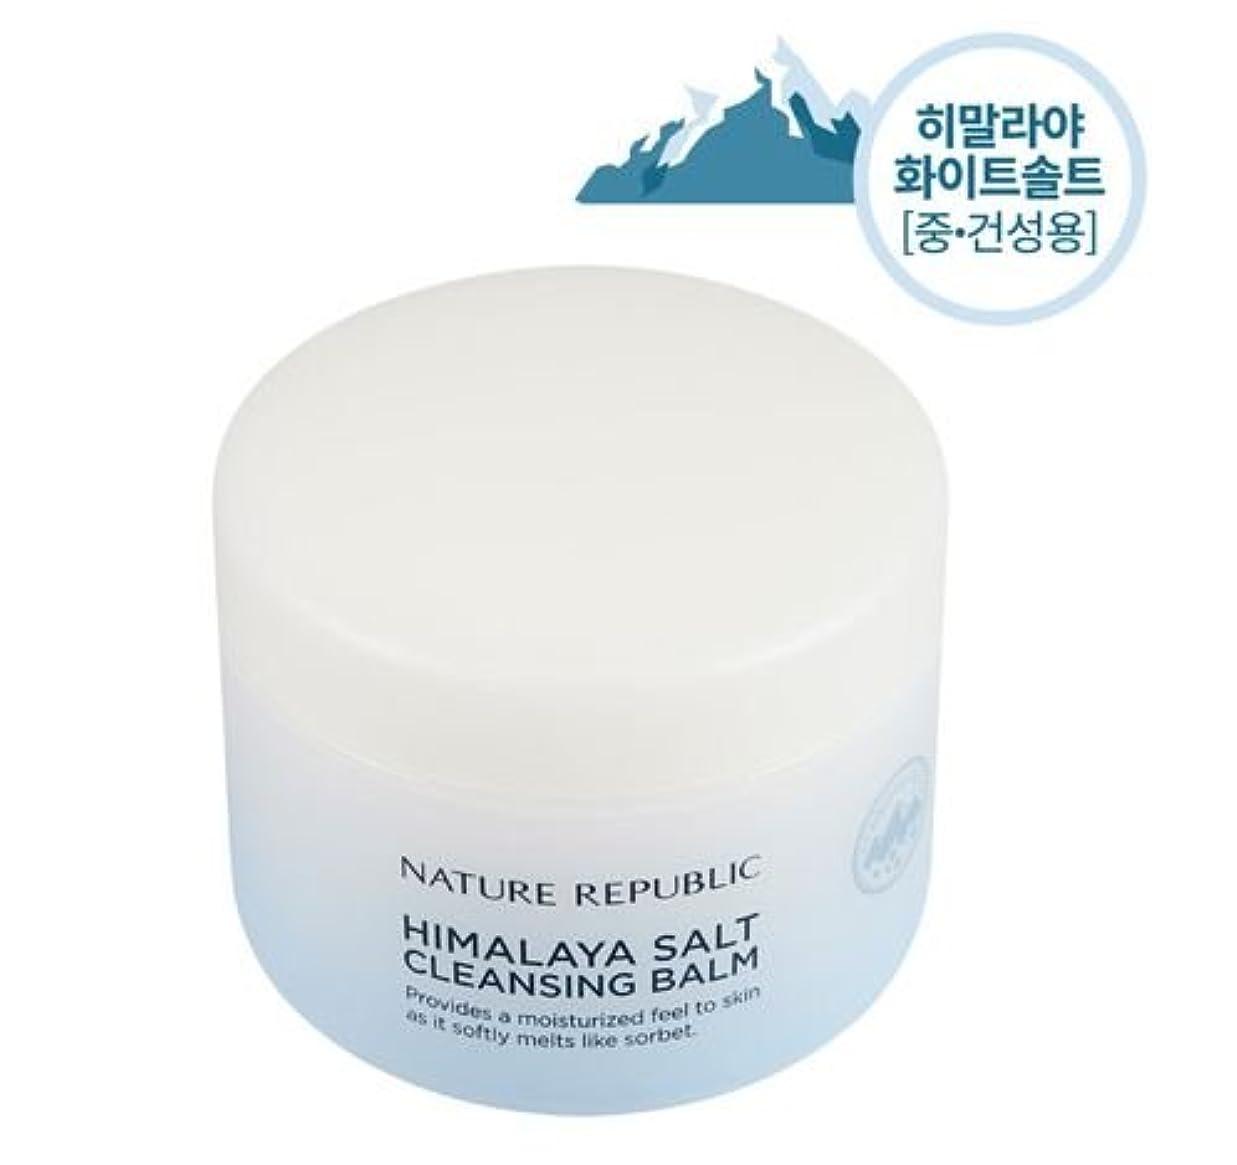 十一ラジウム病なNATURE REPUBLIC Himalaya salt cleansing balm (white salt)ヒマラヤソルトクレンジングバーム(white salt) [並行輸入品]